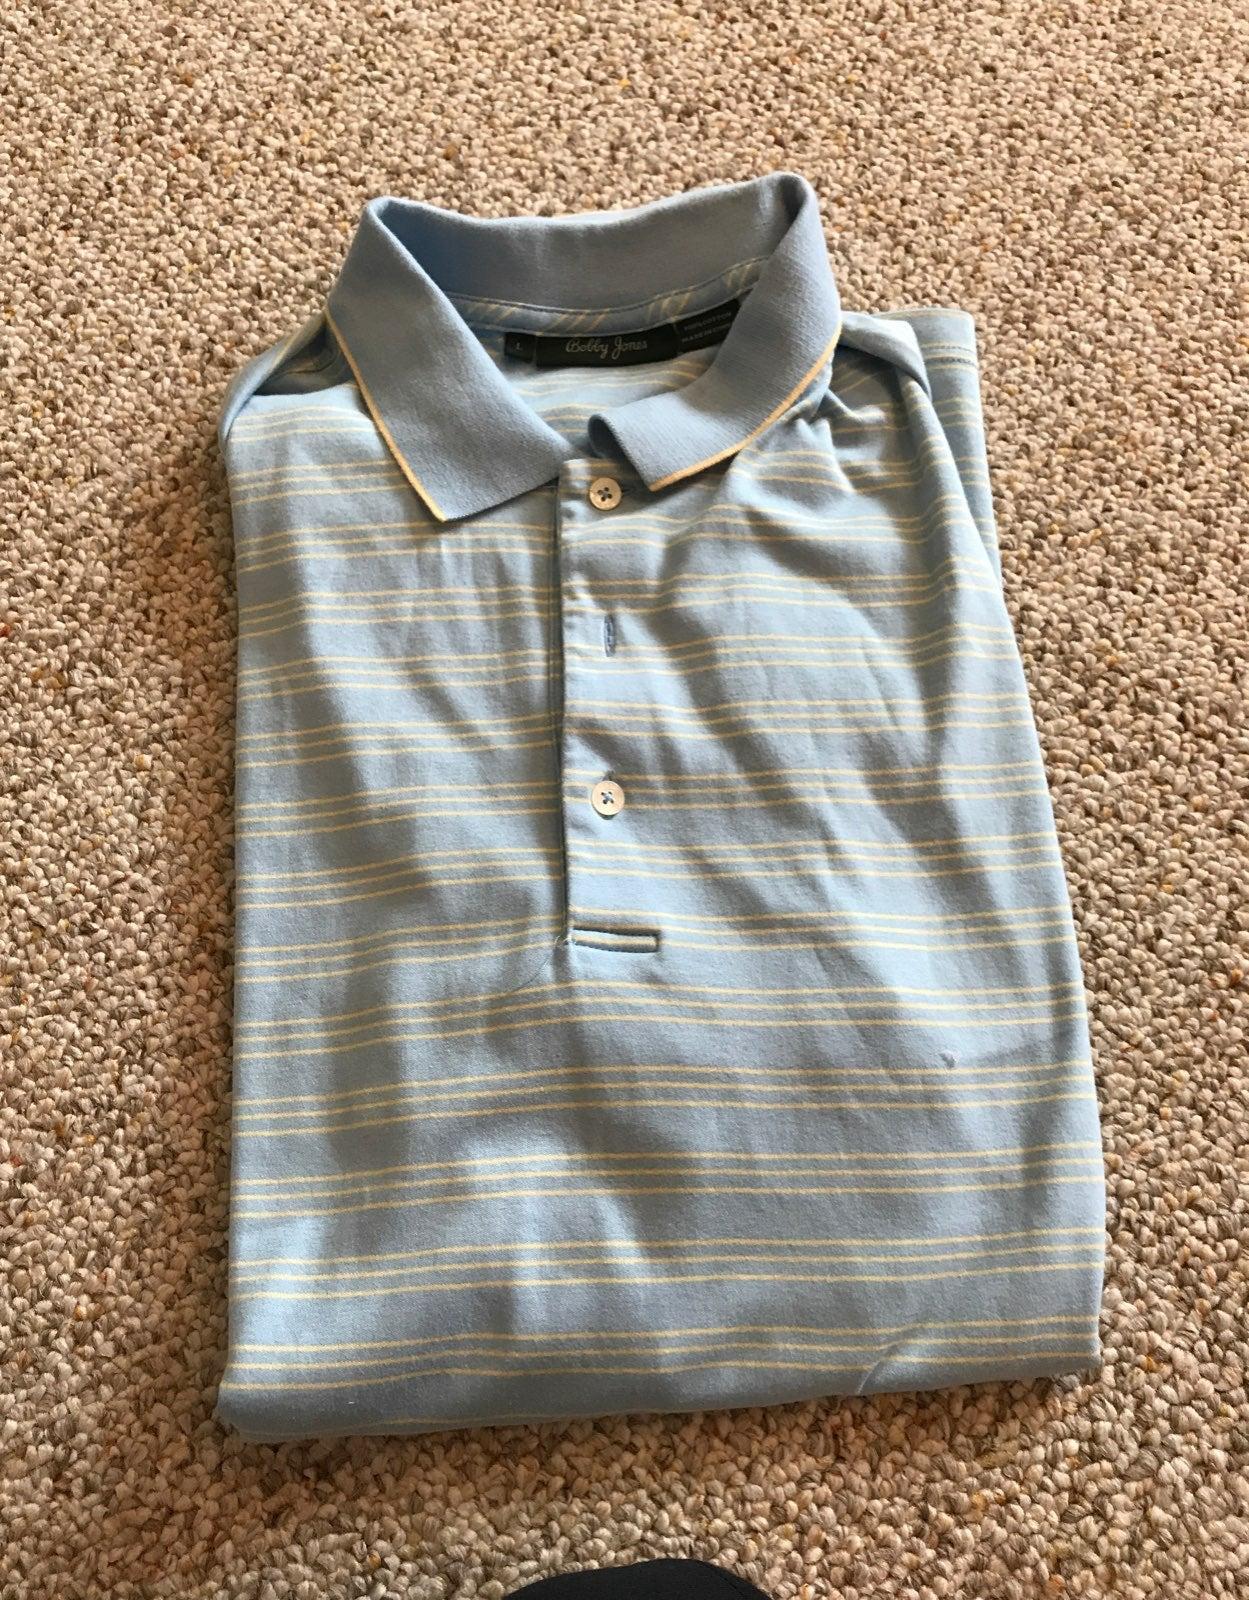 Golf shirts Bobby Jone Sz lg